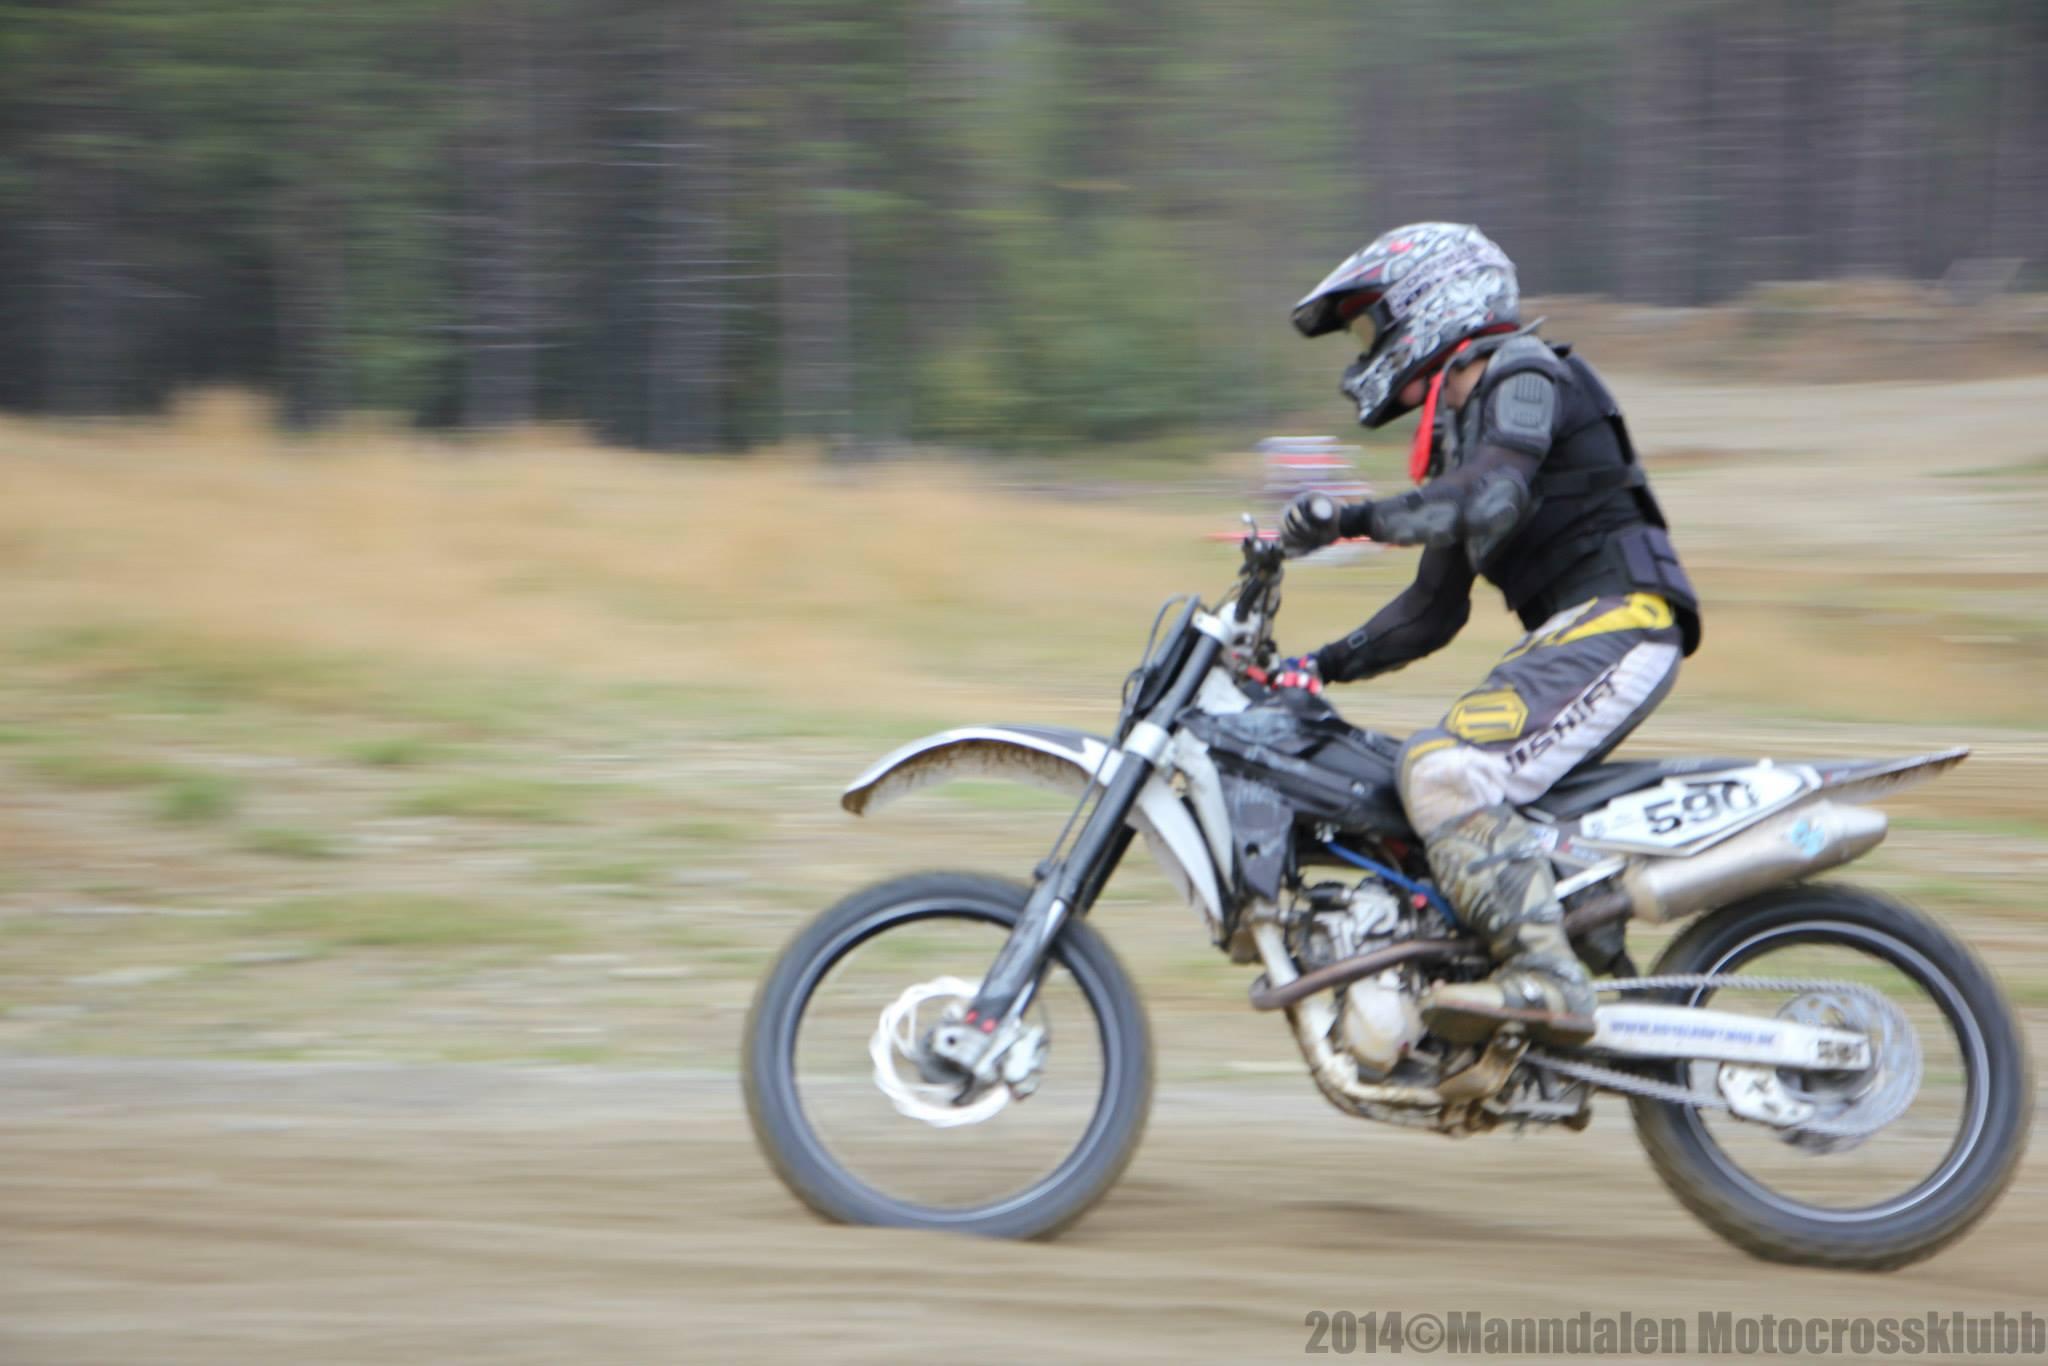 motorcross.jpg